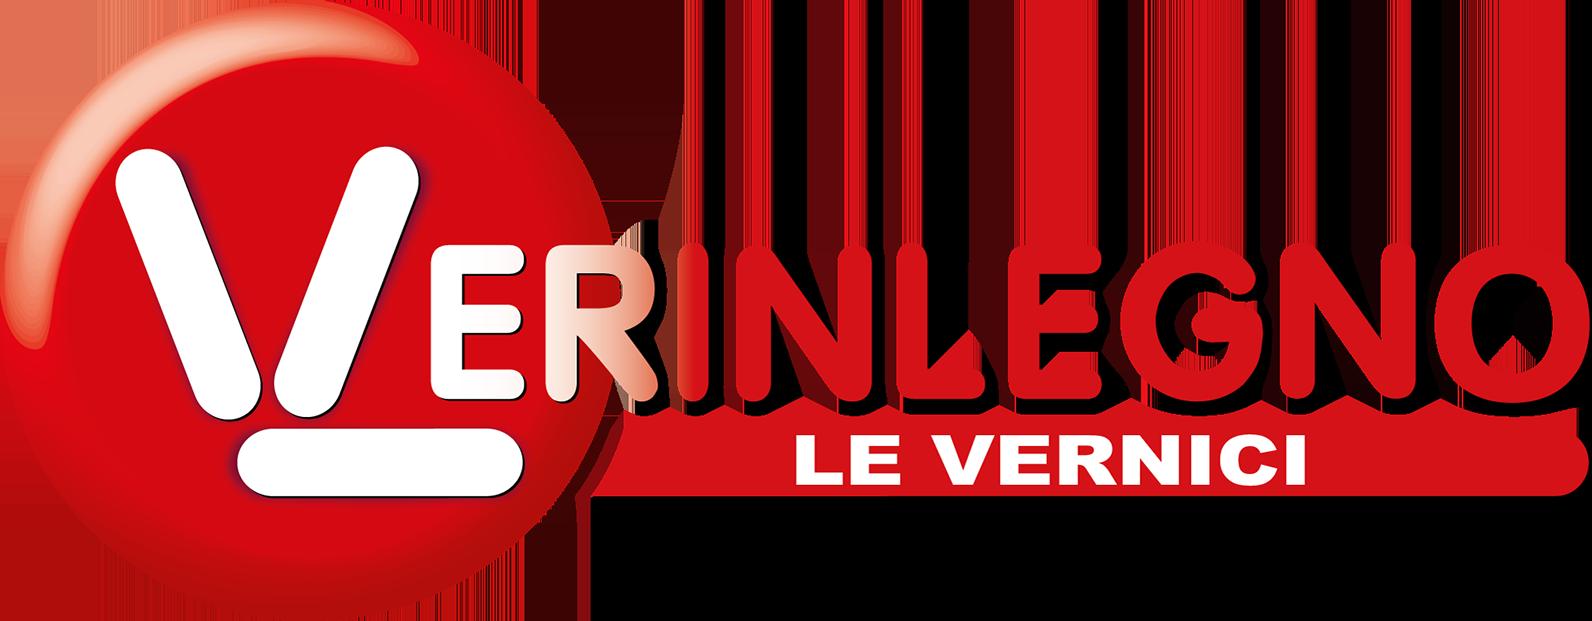 Verinlegno - Le Vernici